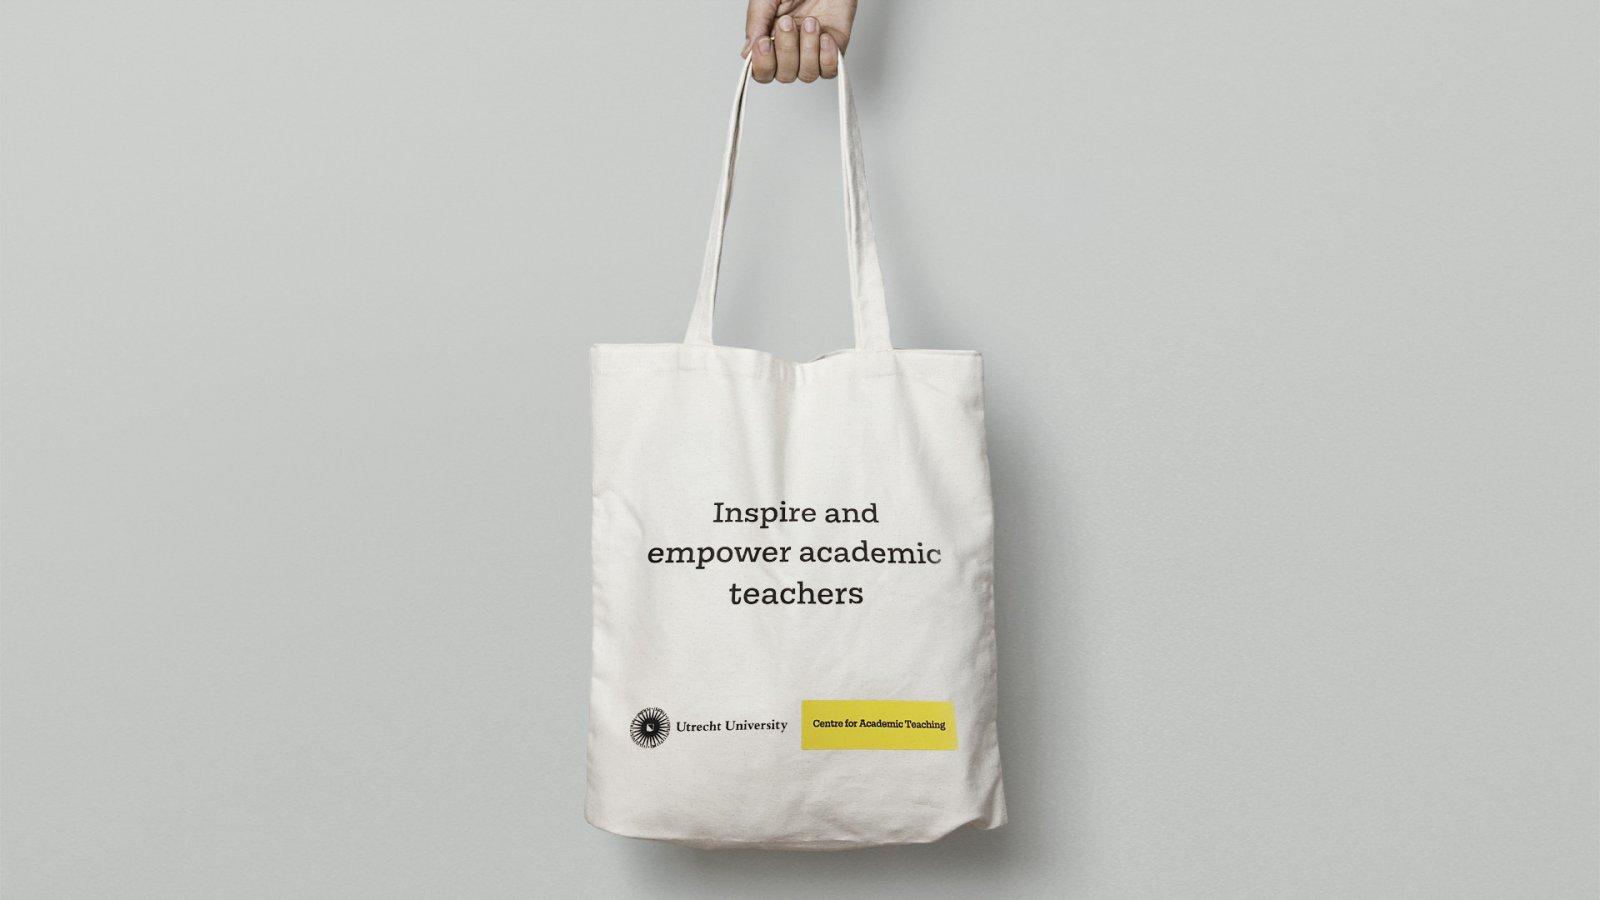 Centre for Academic Teaching tas